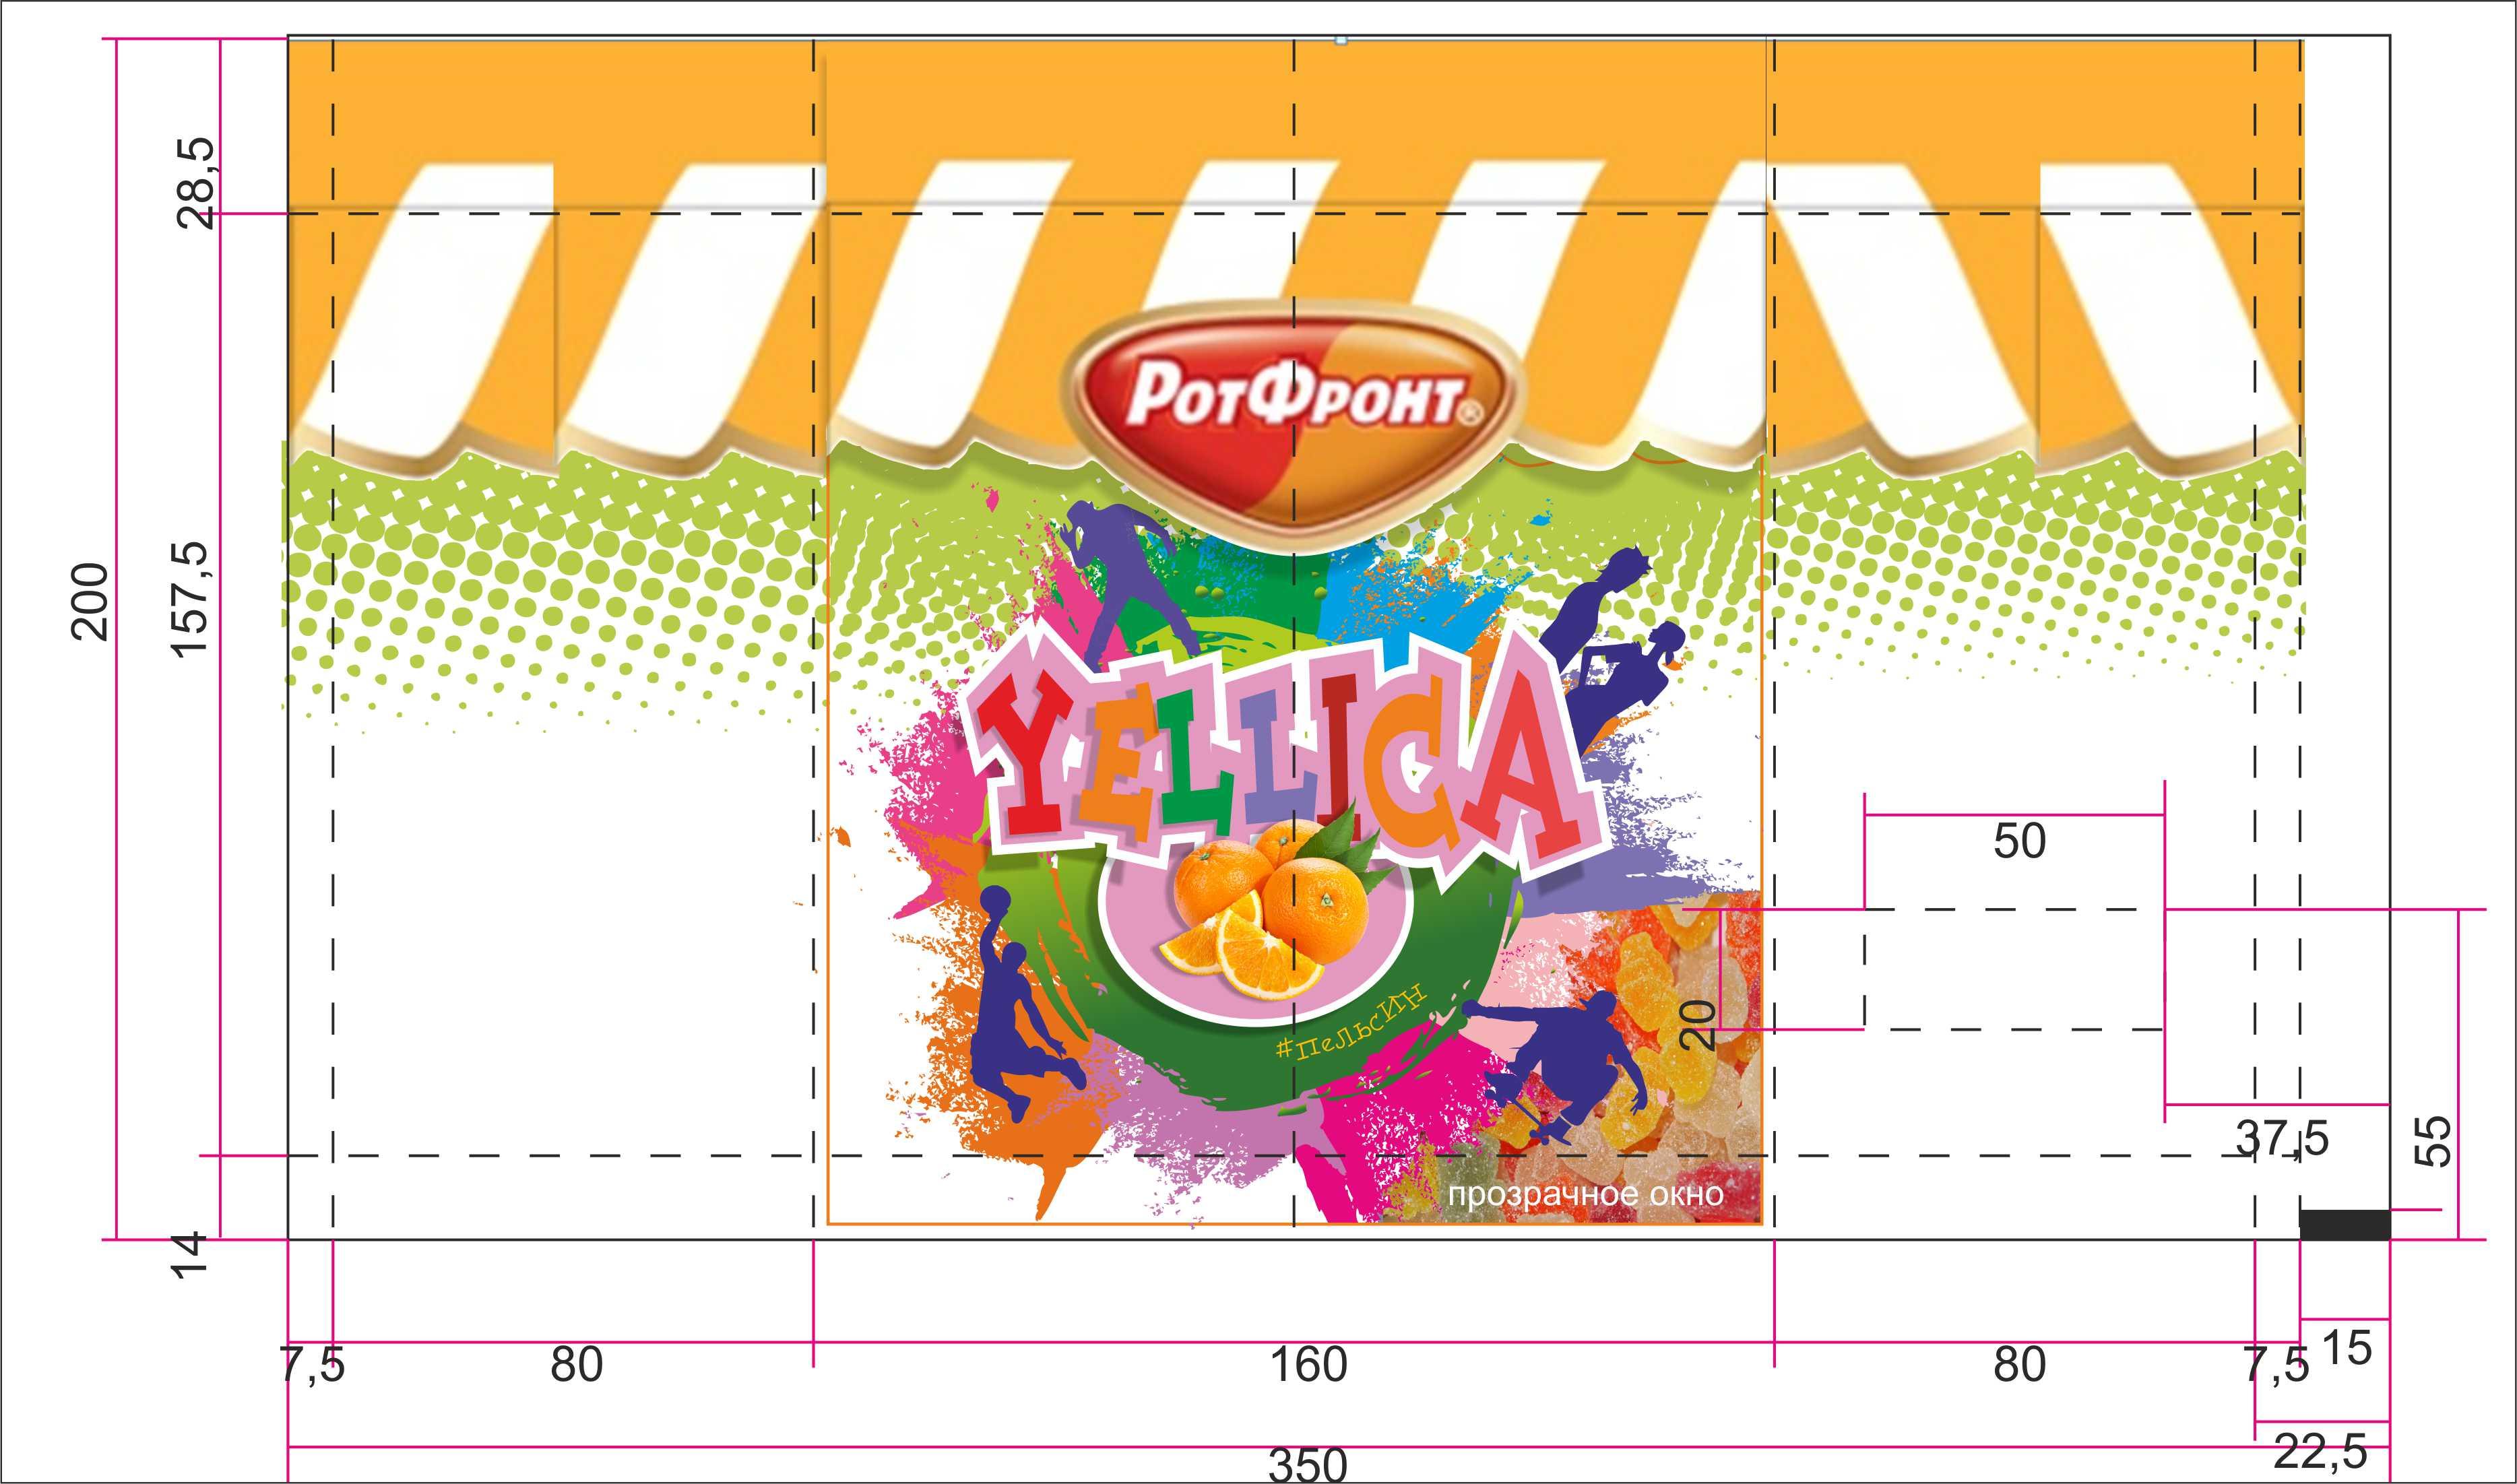 Разработка дизайна упаковки для желейных конфет от Рот Фронт фото f_9965a59d571f0fc9.jpg